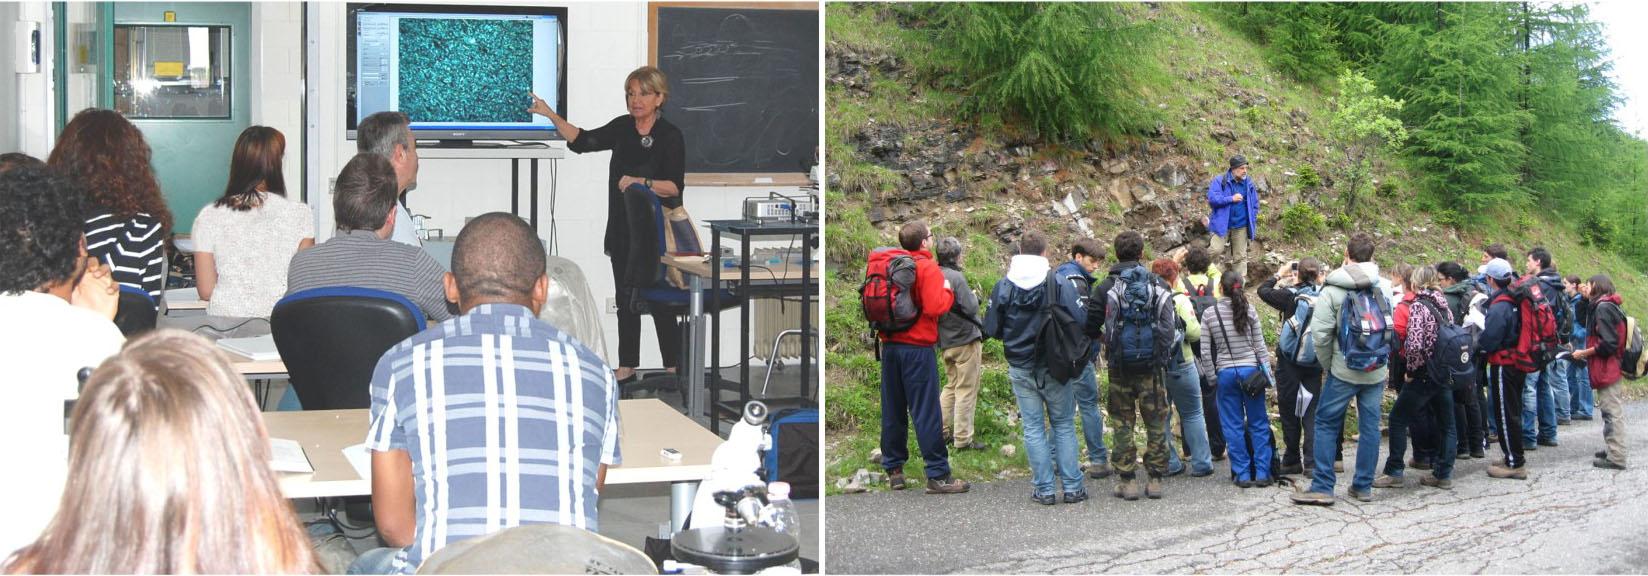 Lezioni in aula e sul campo